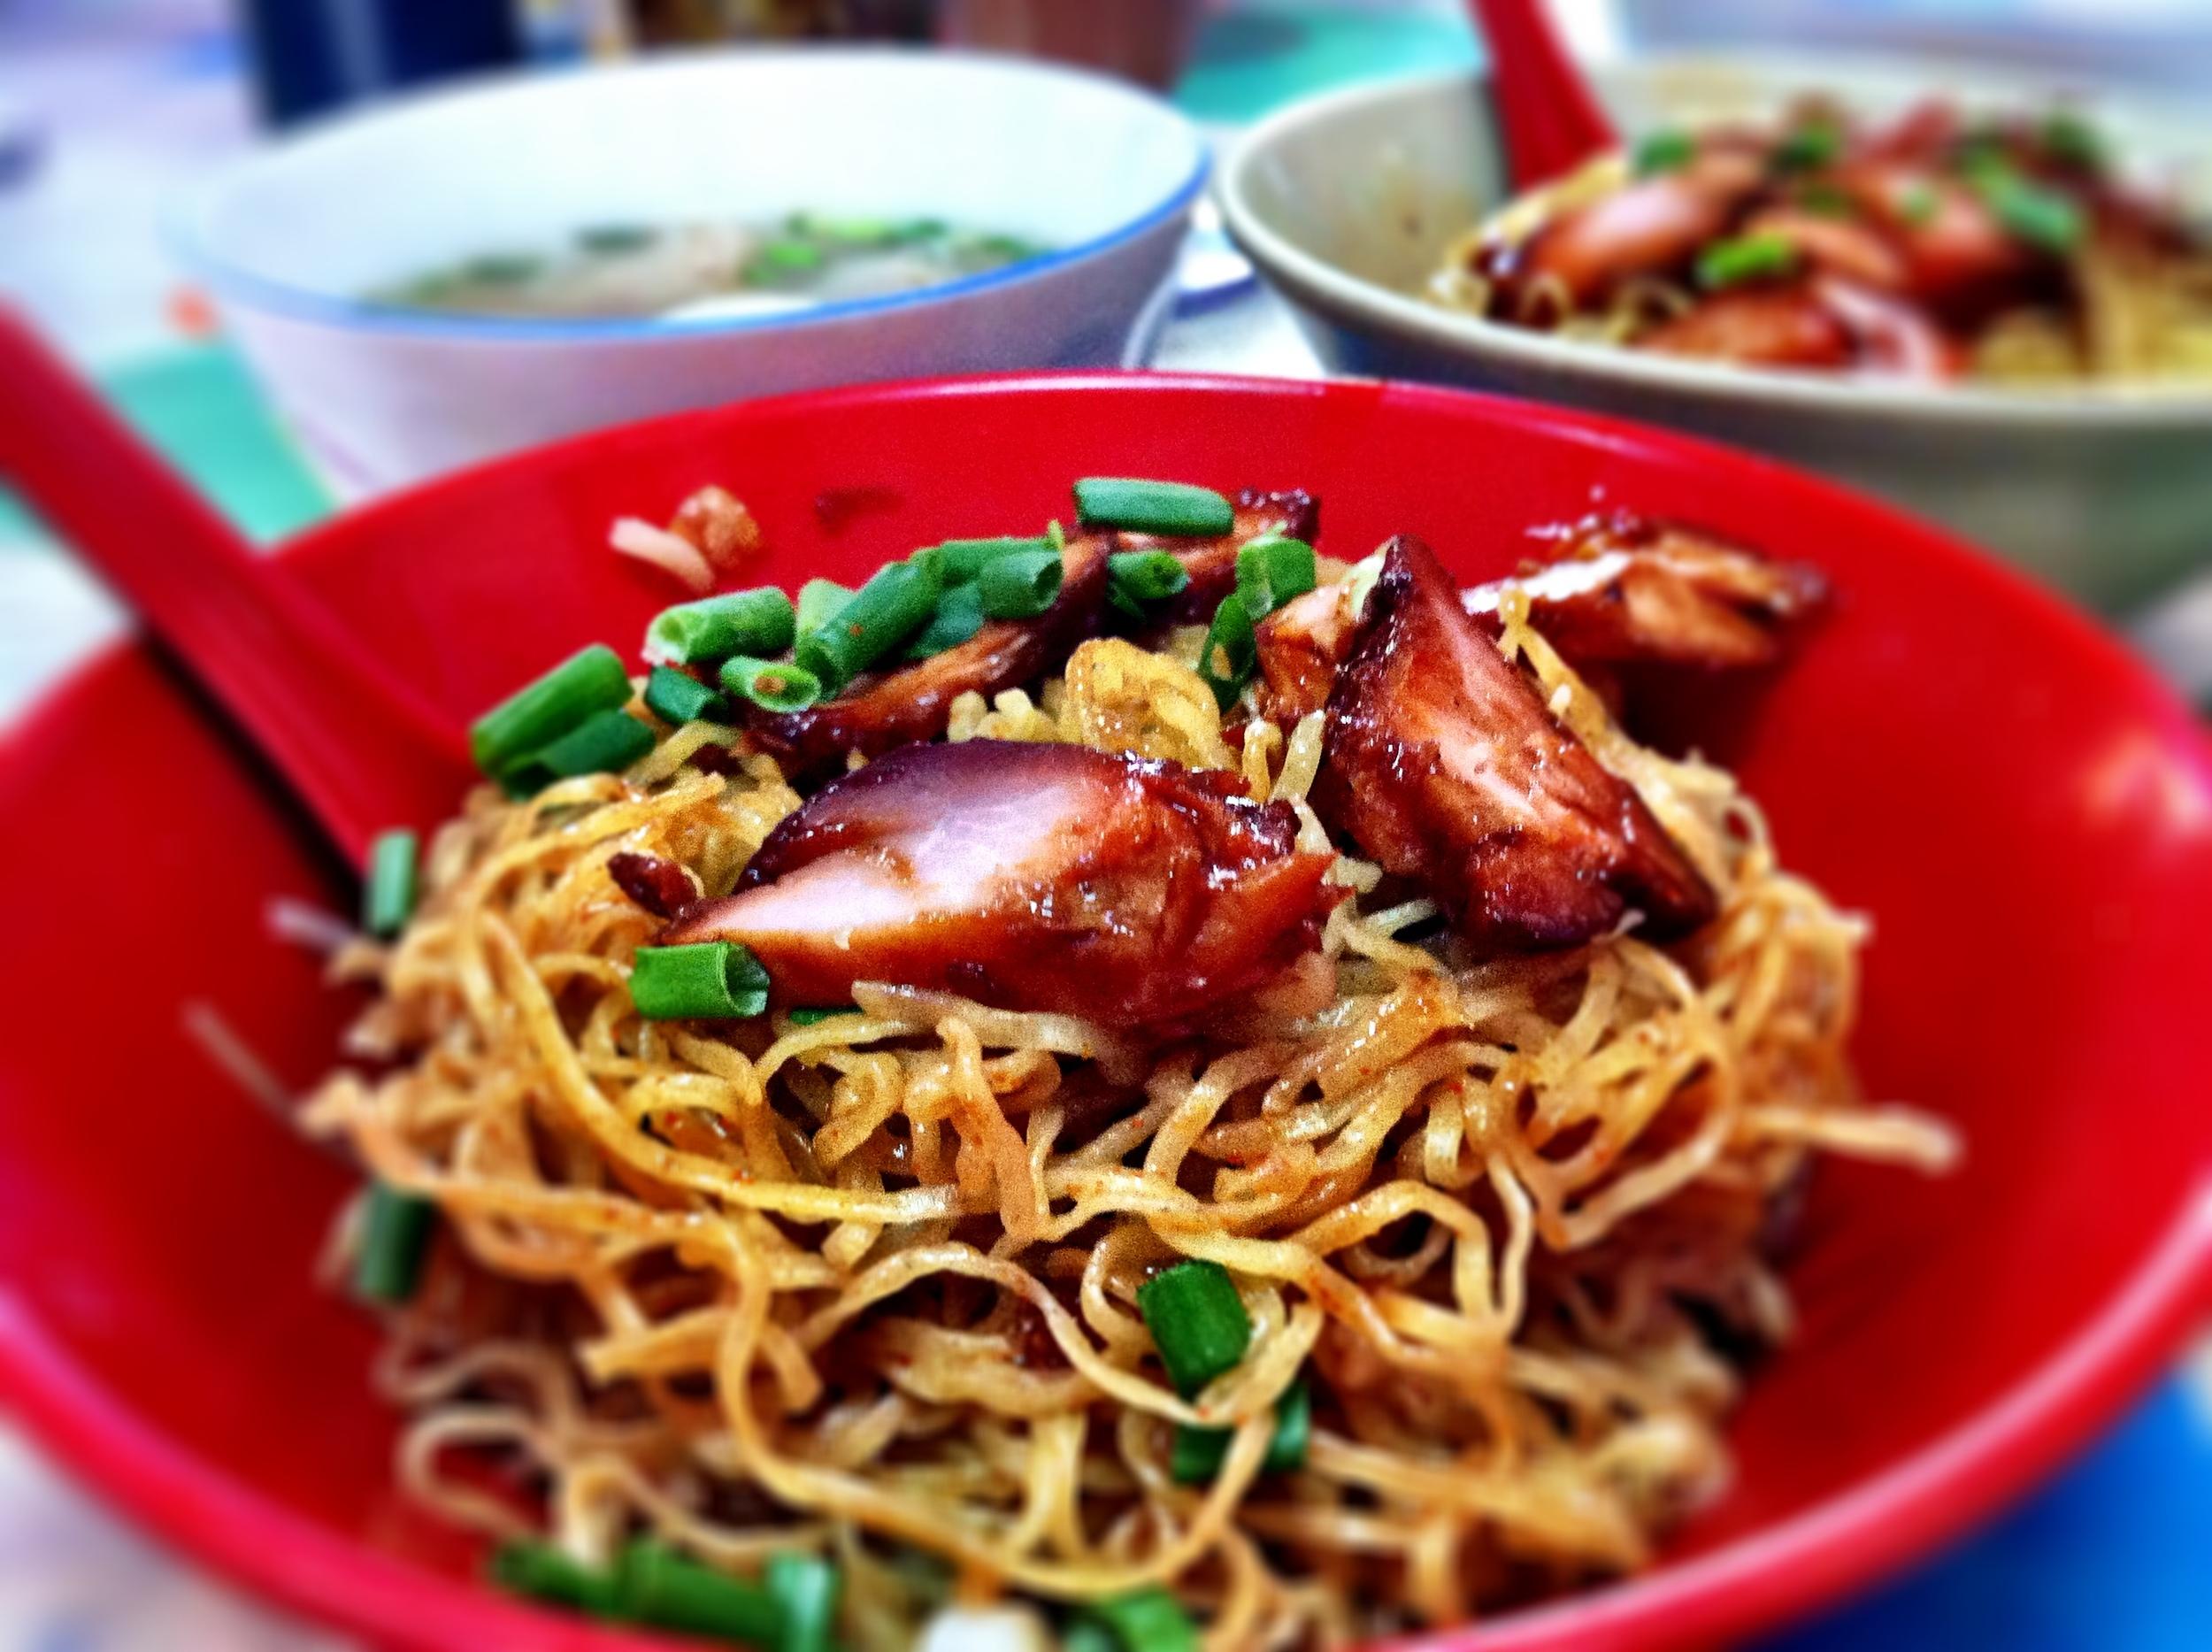 Kolo mee (egg noodles with sliced bbq pork and shrimp wonton):  Restoran Lima Ratus:  4, Jalan Undan 18, Taman Perling, Johor Bahru, Johor, Malaysia